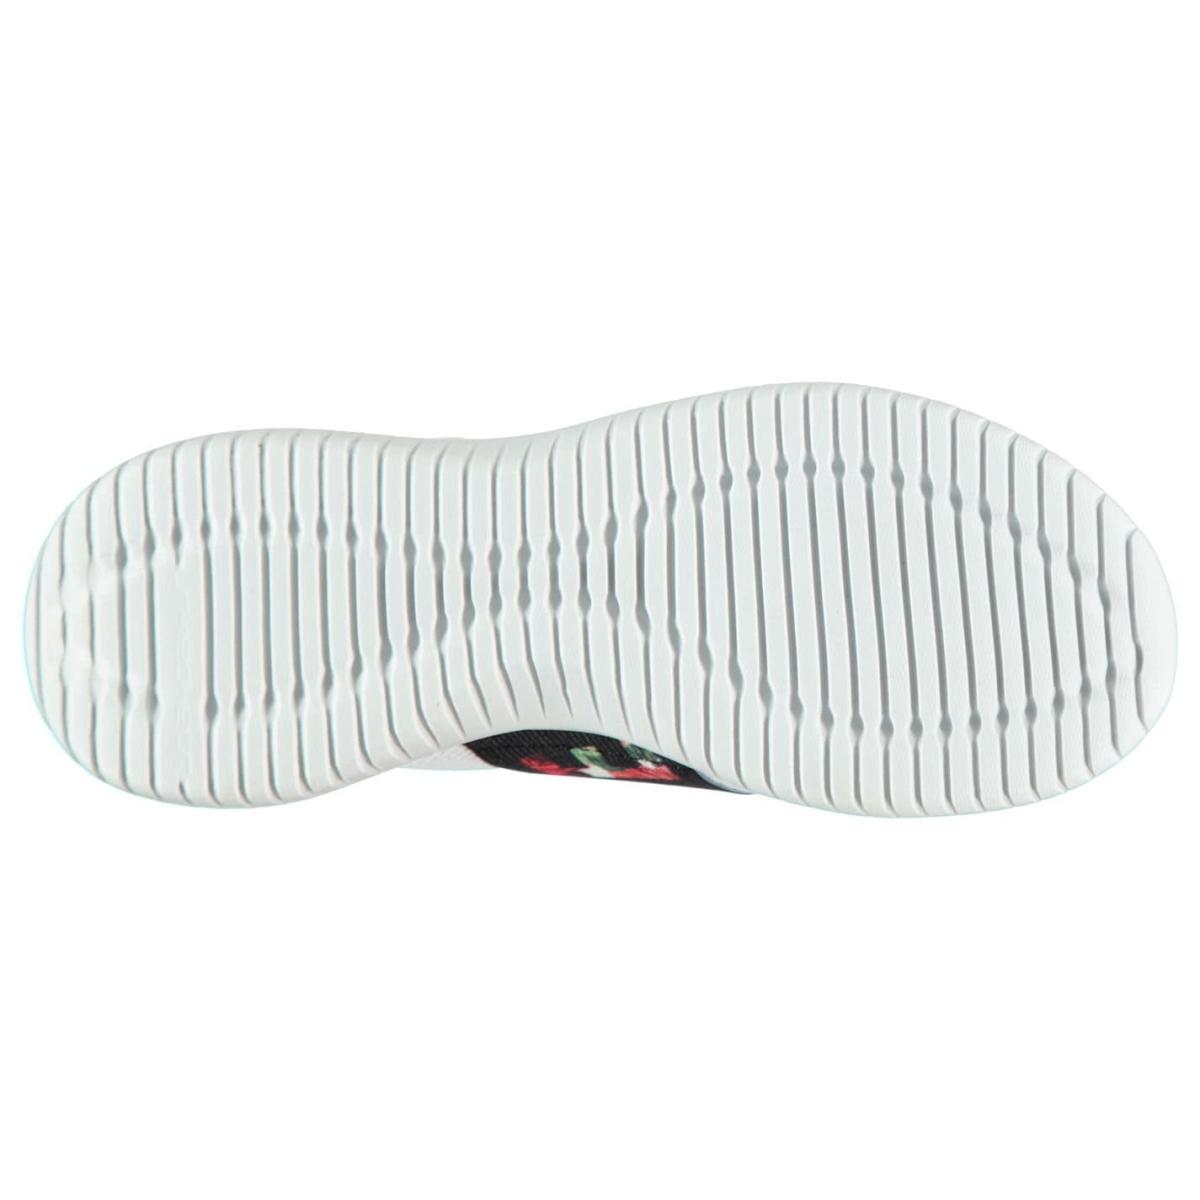 Skechers-Ultra-Flex-Turnschuhe-Damen-Sneaker-Sportschuhe-Laufschuhe-5455 Indexbild 3